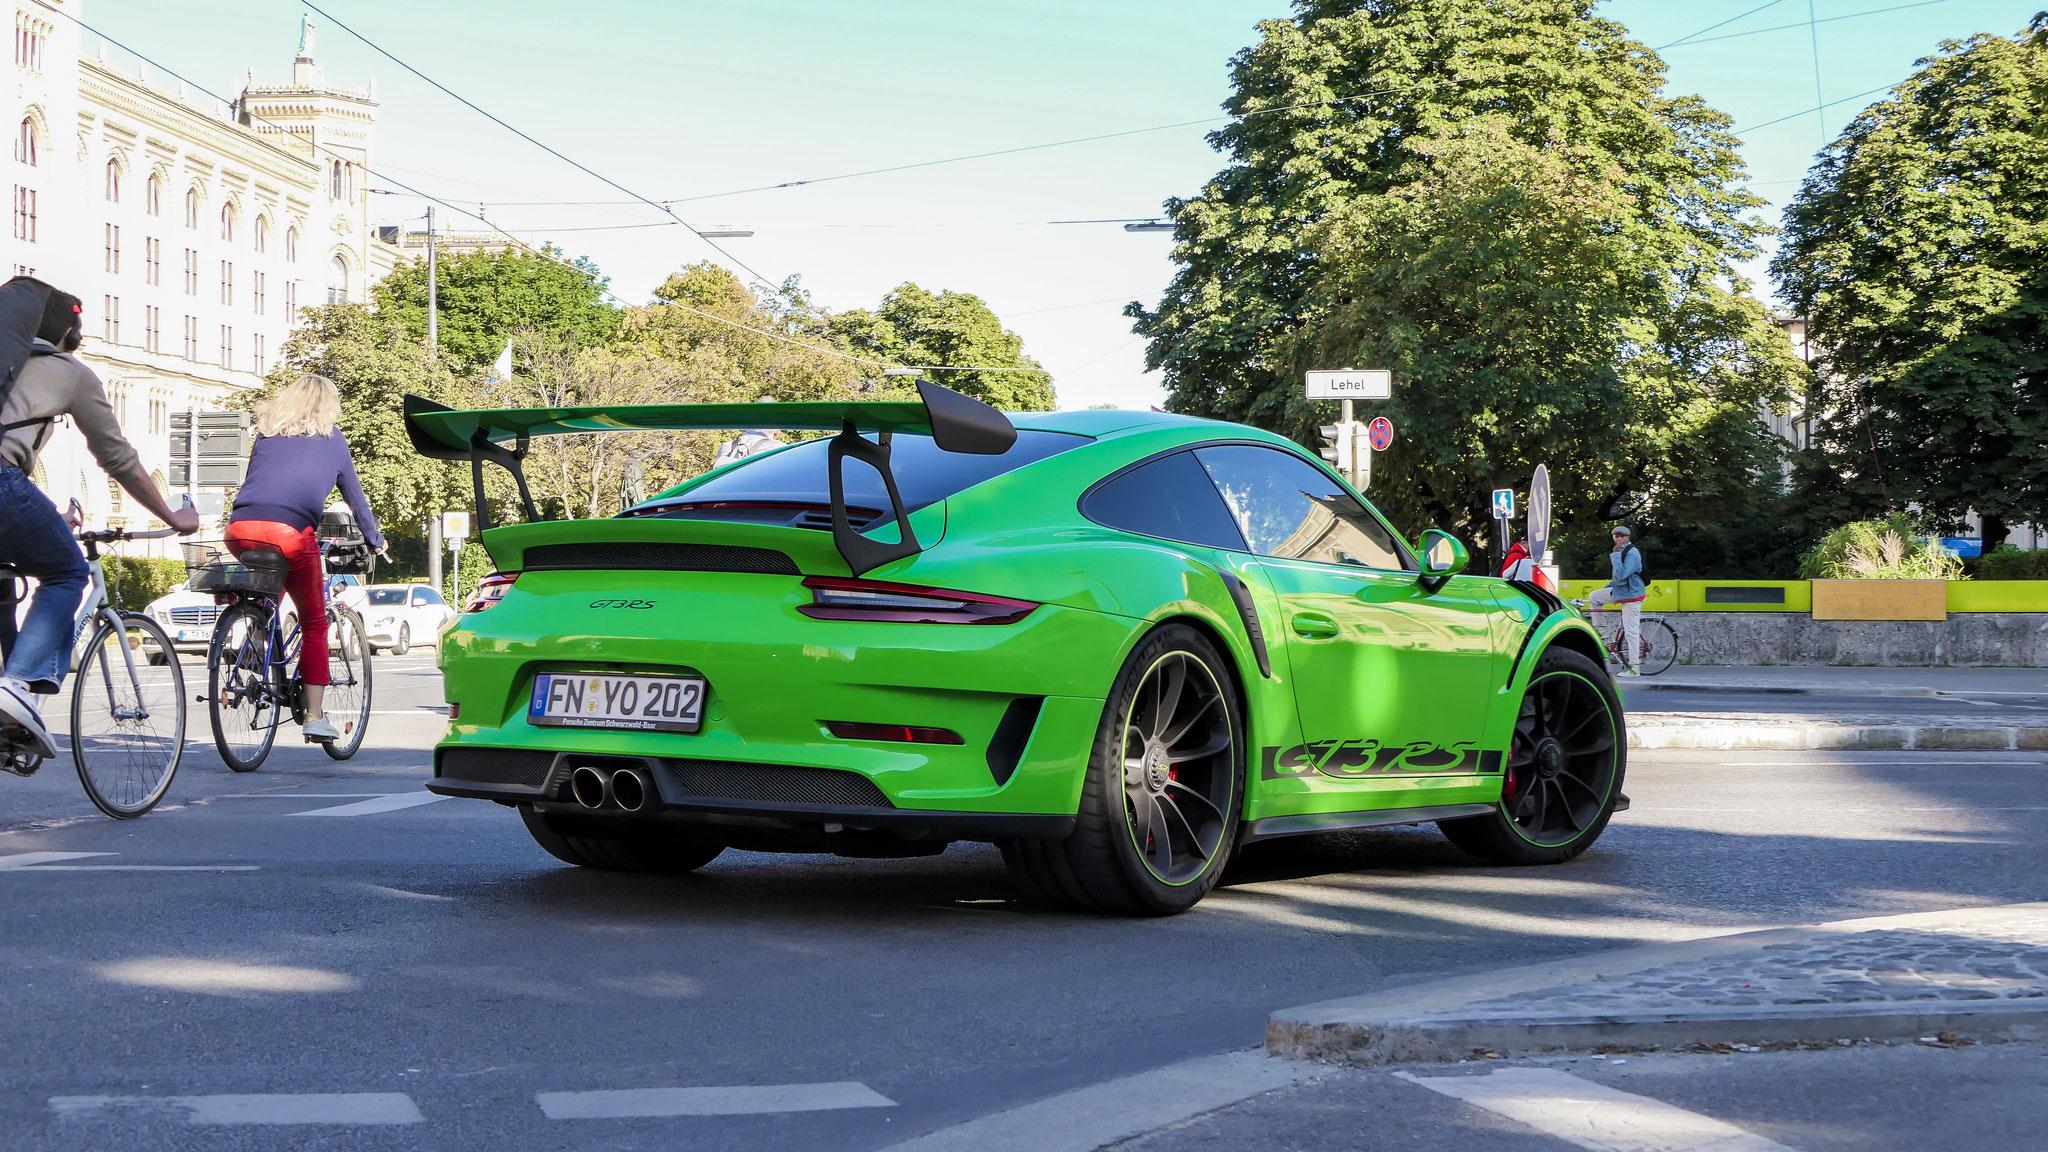 Porsche 911 991.2 GT3 RS - FN-YO-202